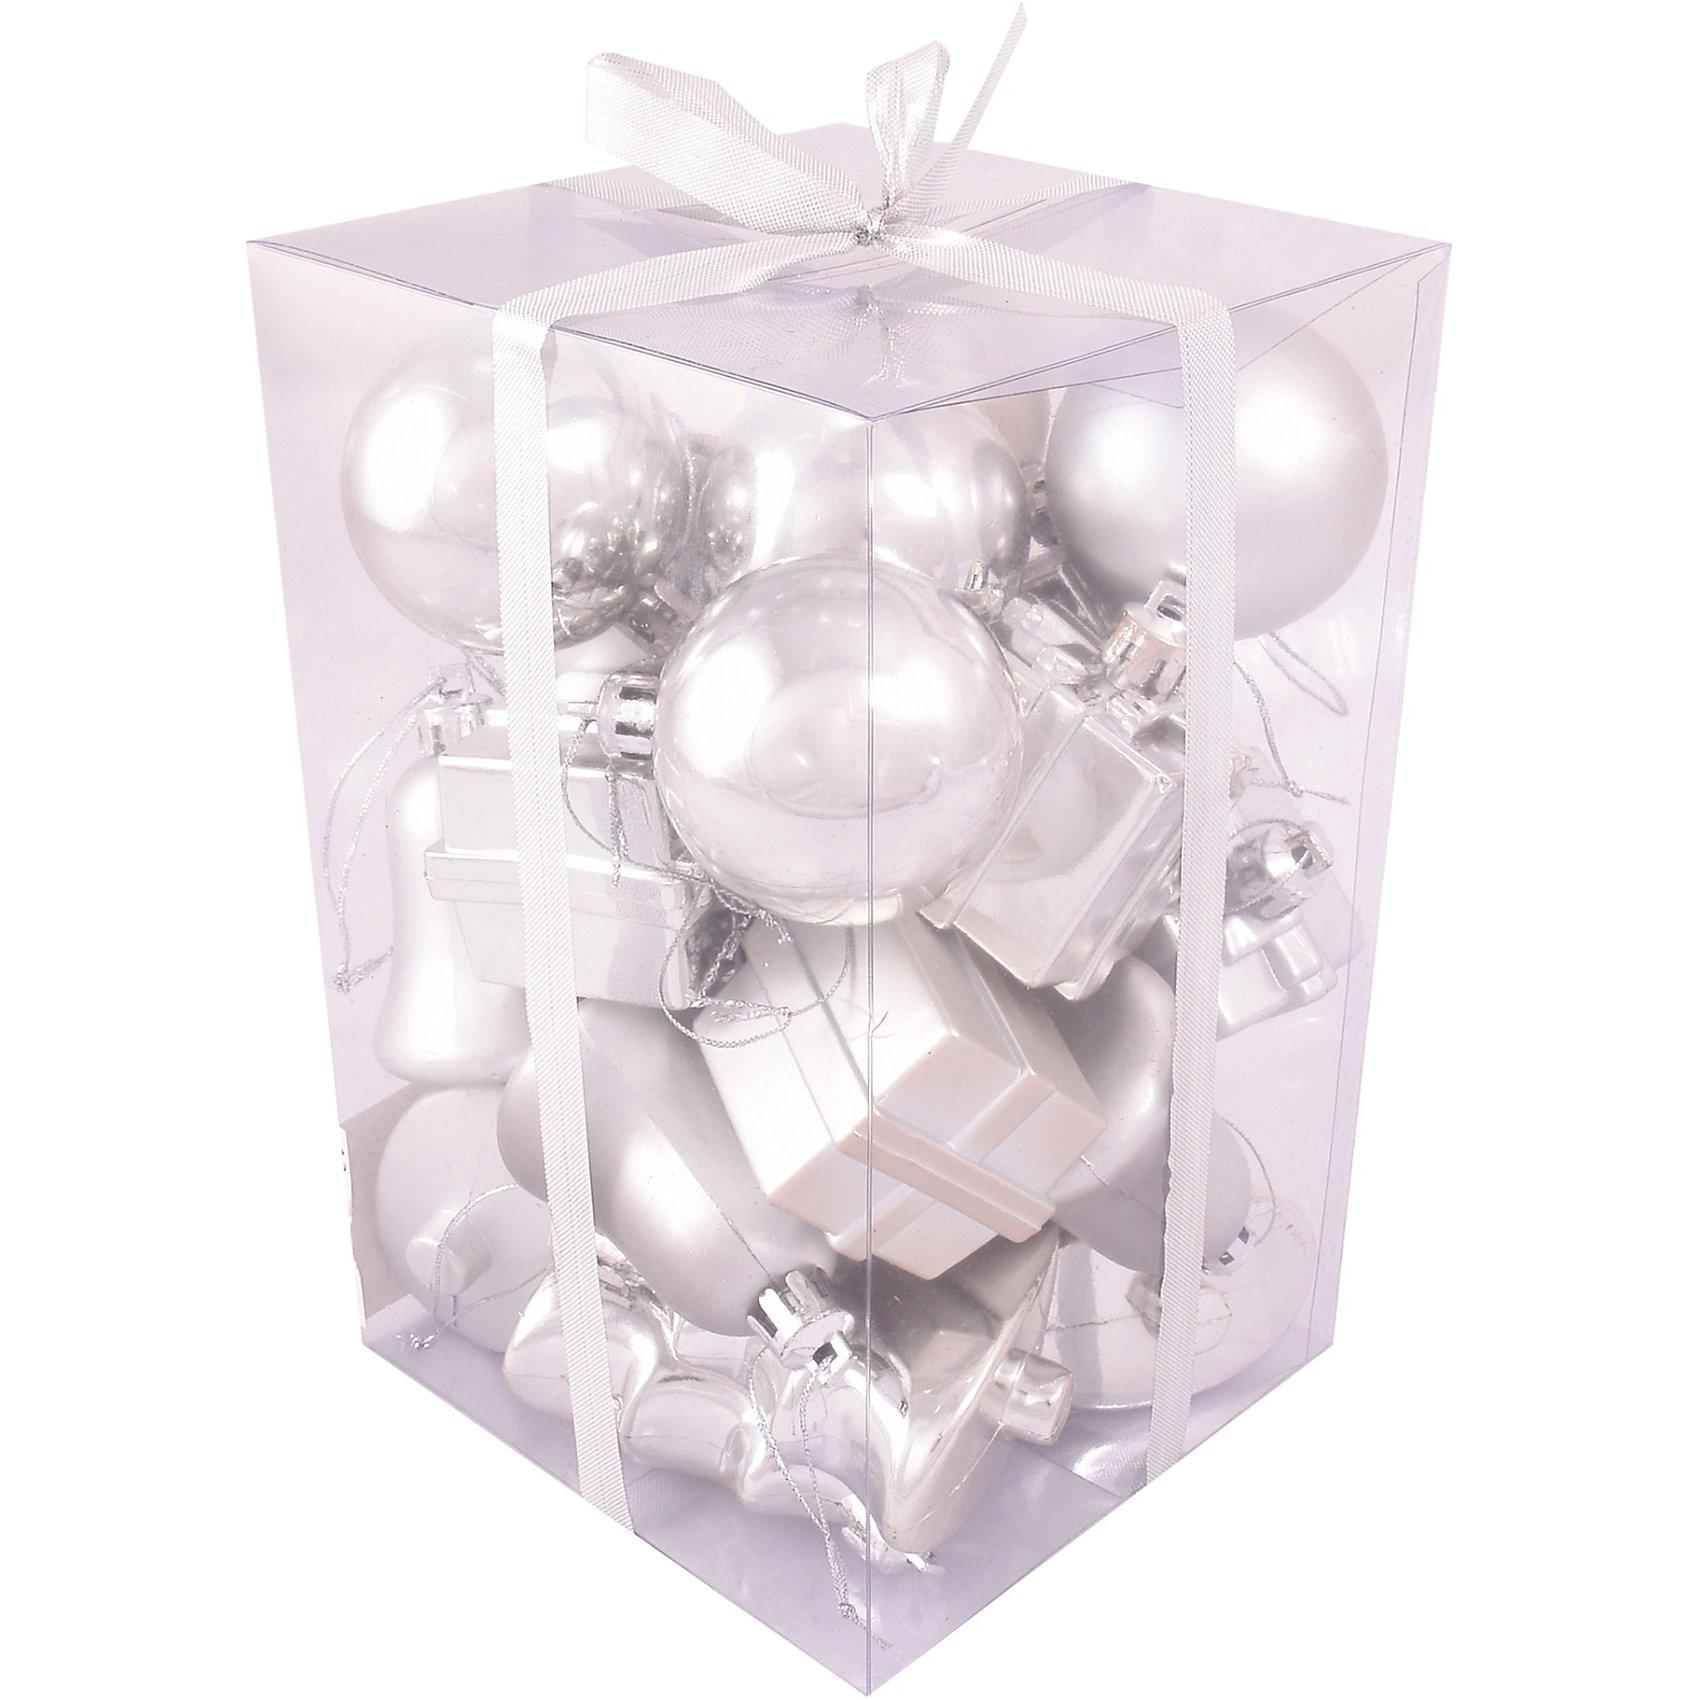 Набор серебро, 24 предмета, 5 смНабор серебро 24 предмета, Волшебная страна станет замечательным украшением для Вашей новогодней елки и поможет создать праздничную радостную атмосферу. В<br>комплекте 24 елочных игрушки 4 видов: колокольчики, шарики, подарочные сундучки и елочки. Все игрушки выполнены в серебристых тонах, они будут чудесно смотреться на<br>елке и радовать детей и взрослых.<br><br>Дополнительная информация:<br><br>- Цвет: серебро.<br>- В комплекте: 24 шт.<br>- Размер игрушки: 5 см.<br>- Размер упаковки: 12 x 19 x 12 см.<br>- Вес: 0,251 кг.<br><br>Набор серебро 24 предмета, Волшебная страна можно купить в нашем интернет-магазине.<br><br>Ширина мм: 740<br>Глубина мм: 190<br>Высота мм: 120<br>Вес г: 251<br>Возраст от месяцев: 60<br>Возраст до месяцев: 180<br>Пол: Унисекс<br>Возраст: Детский<br>SKU: 3791320